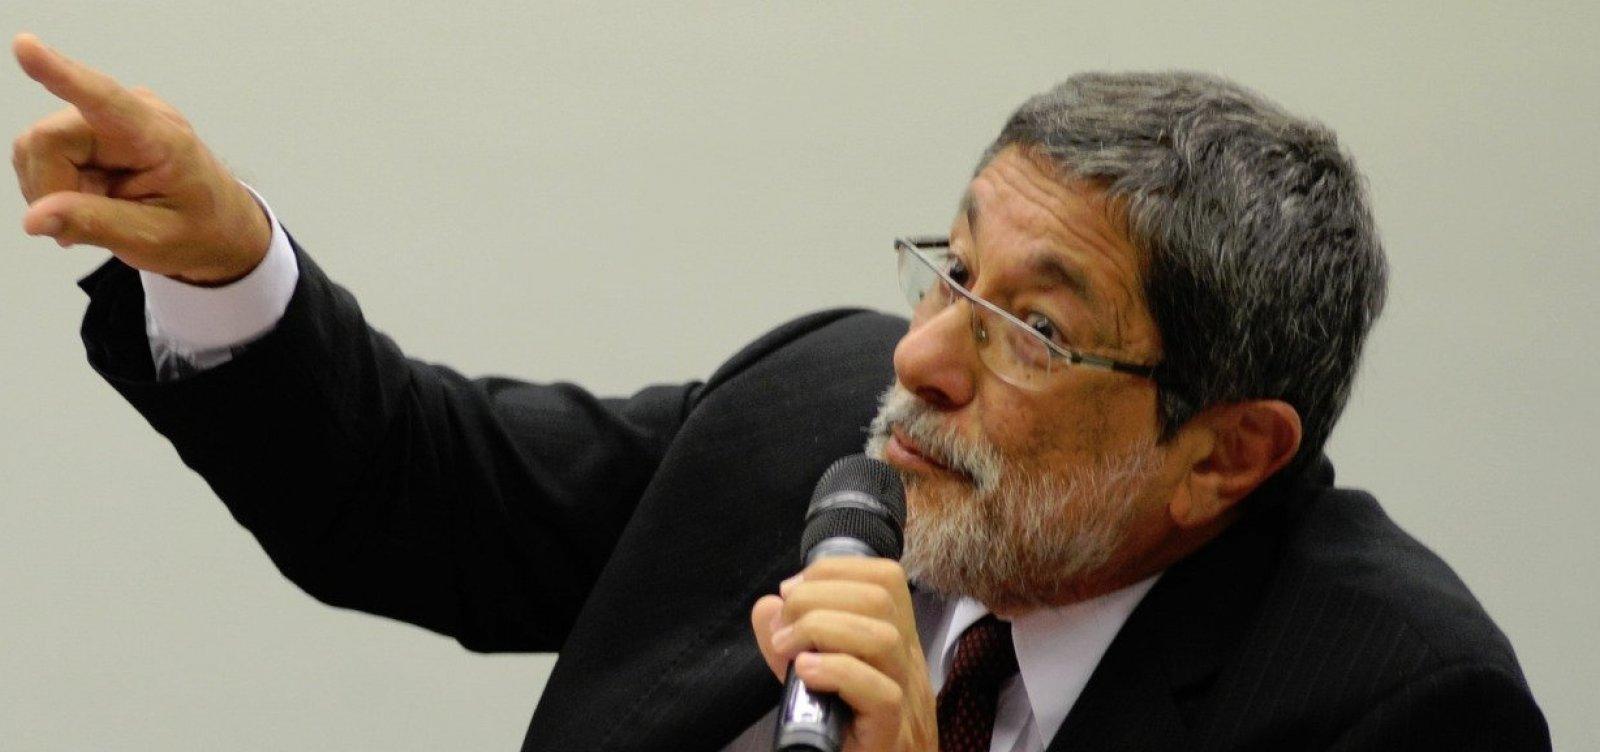 [Palocci: Lula encomendou a Gabrielli construção de sondas para 'manter futuro político' do PT]